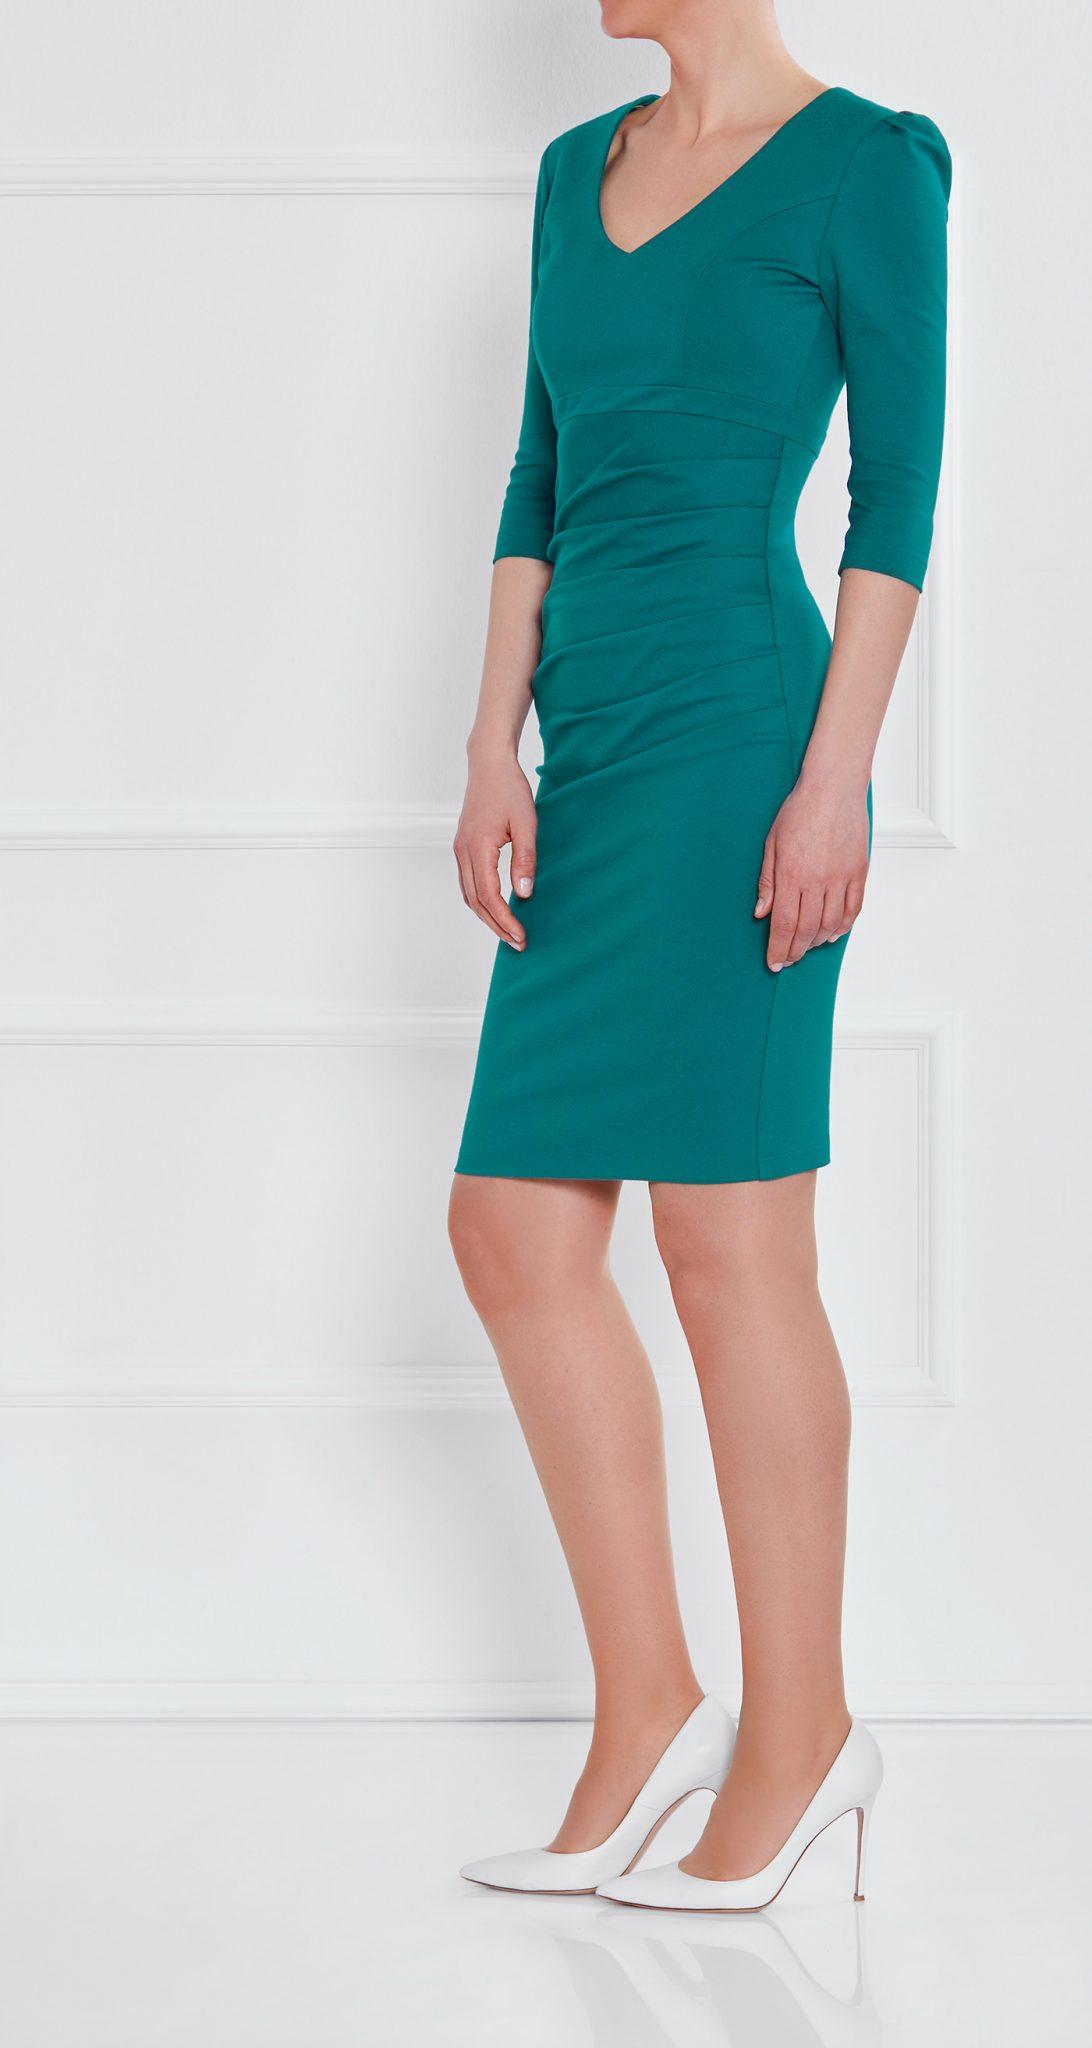 AMCO Fashion by Annett Möller | AMCO LEYLEA DRESS | Petrol | Grün | Stretchkleid mit kaschierenden Falten | mit sichtbarem Reissverschluss | V-Ausschnitt | Puffärmelchen